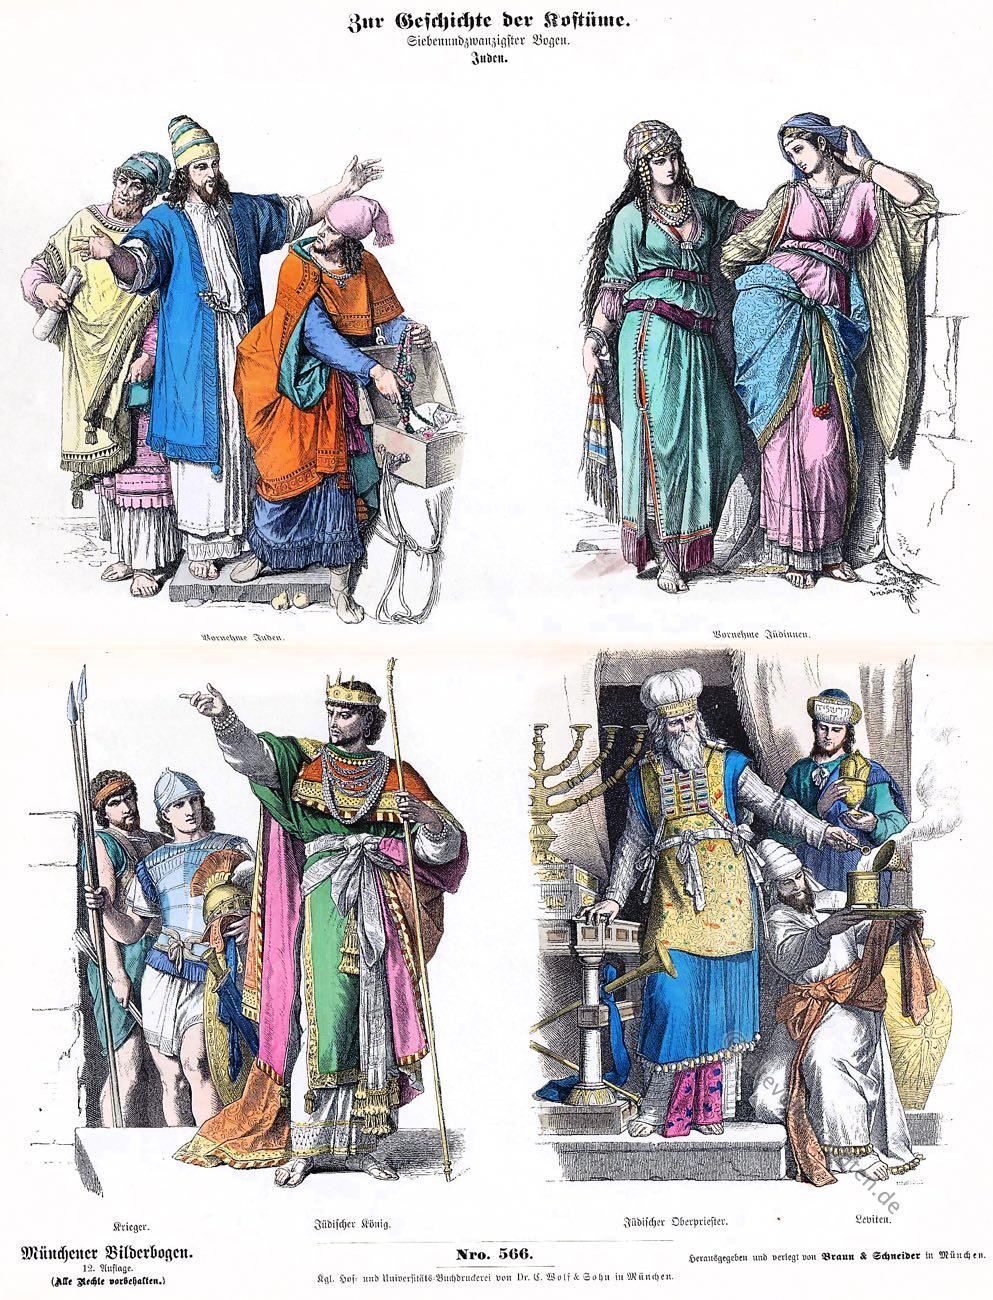 Münchener Bilderbogen, Juden, Trachten, Krieger, König, Salomon, Kleidung, Kostüme